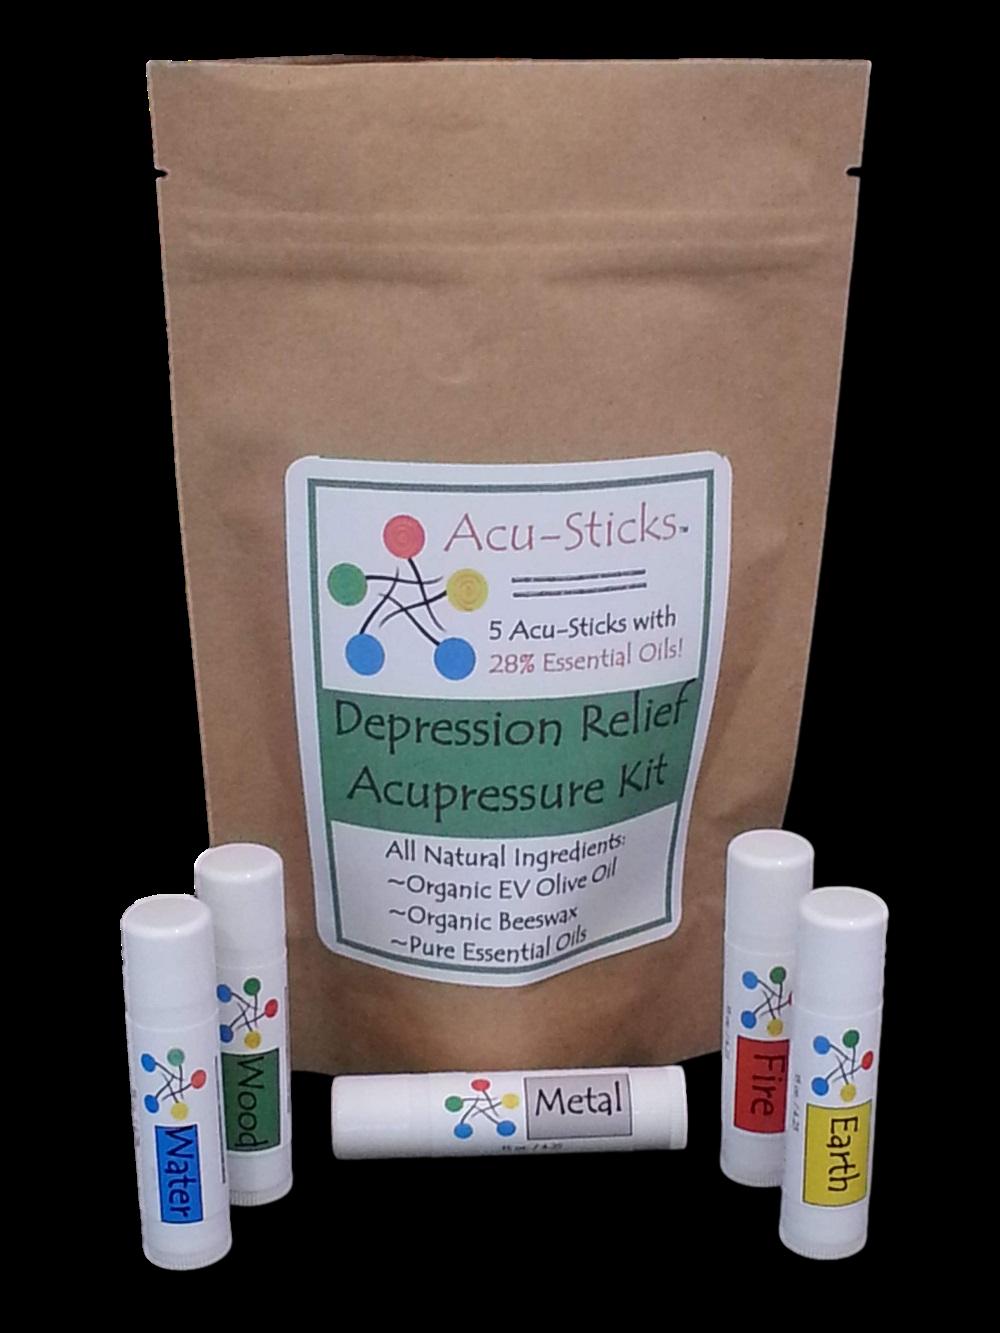 depression relief acupressure-essential oil kit